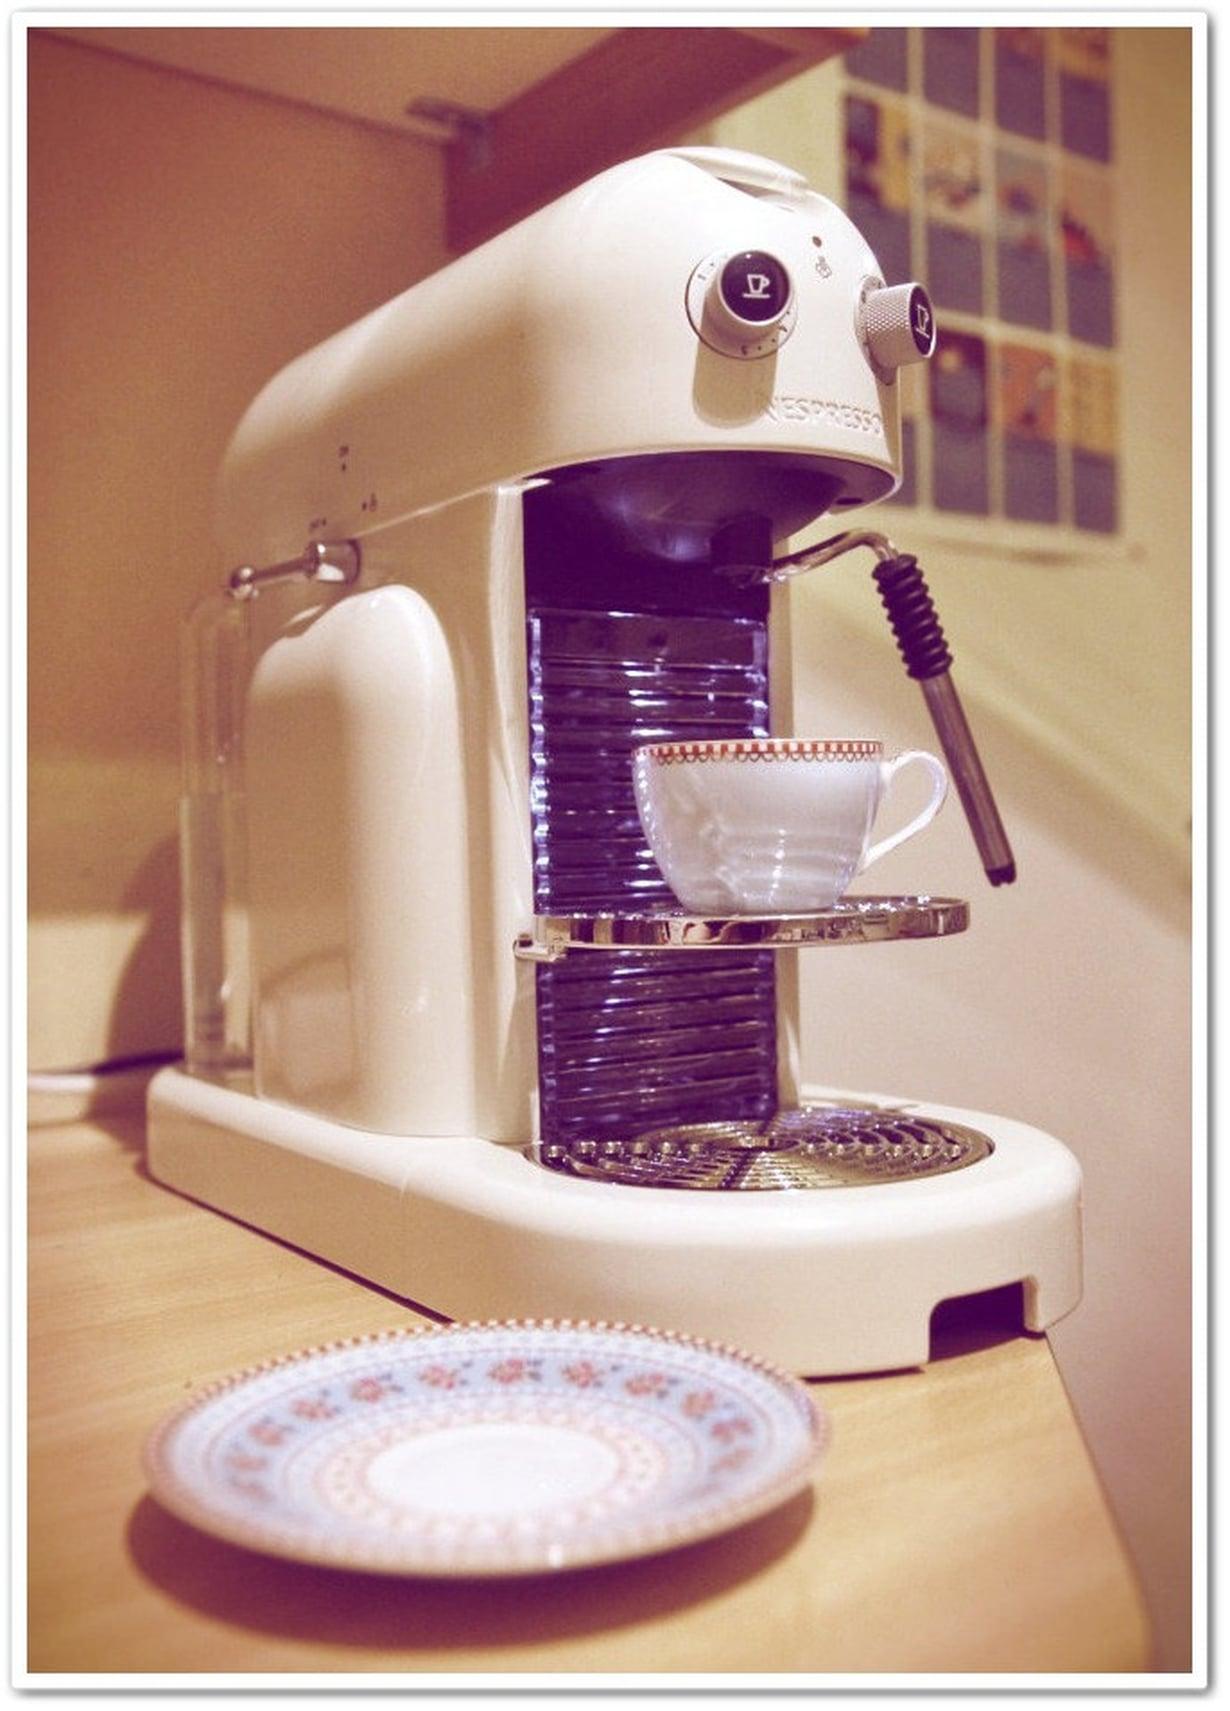 maestria nespresso